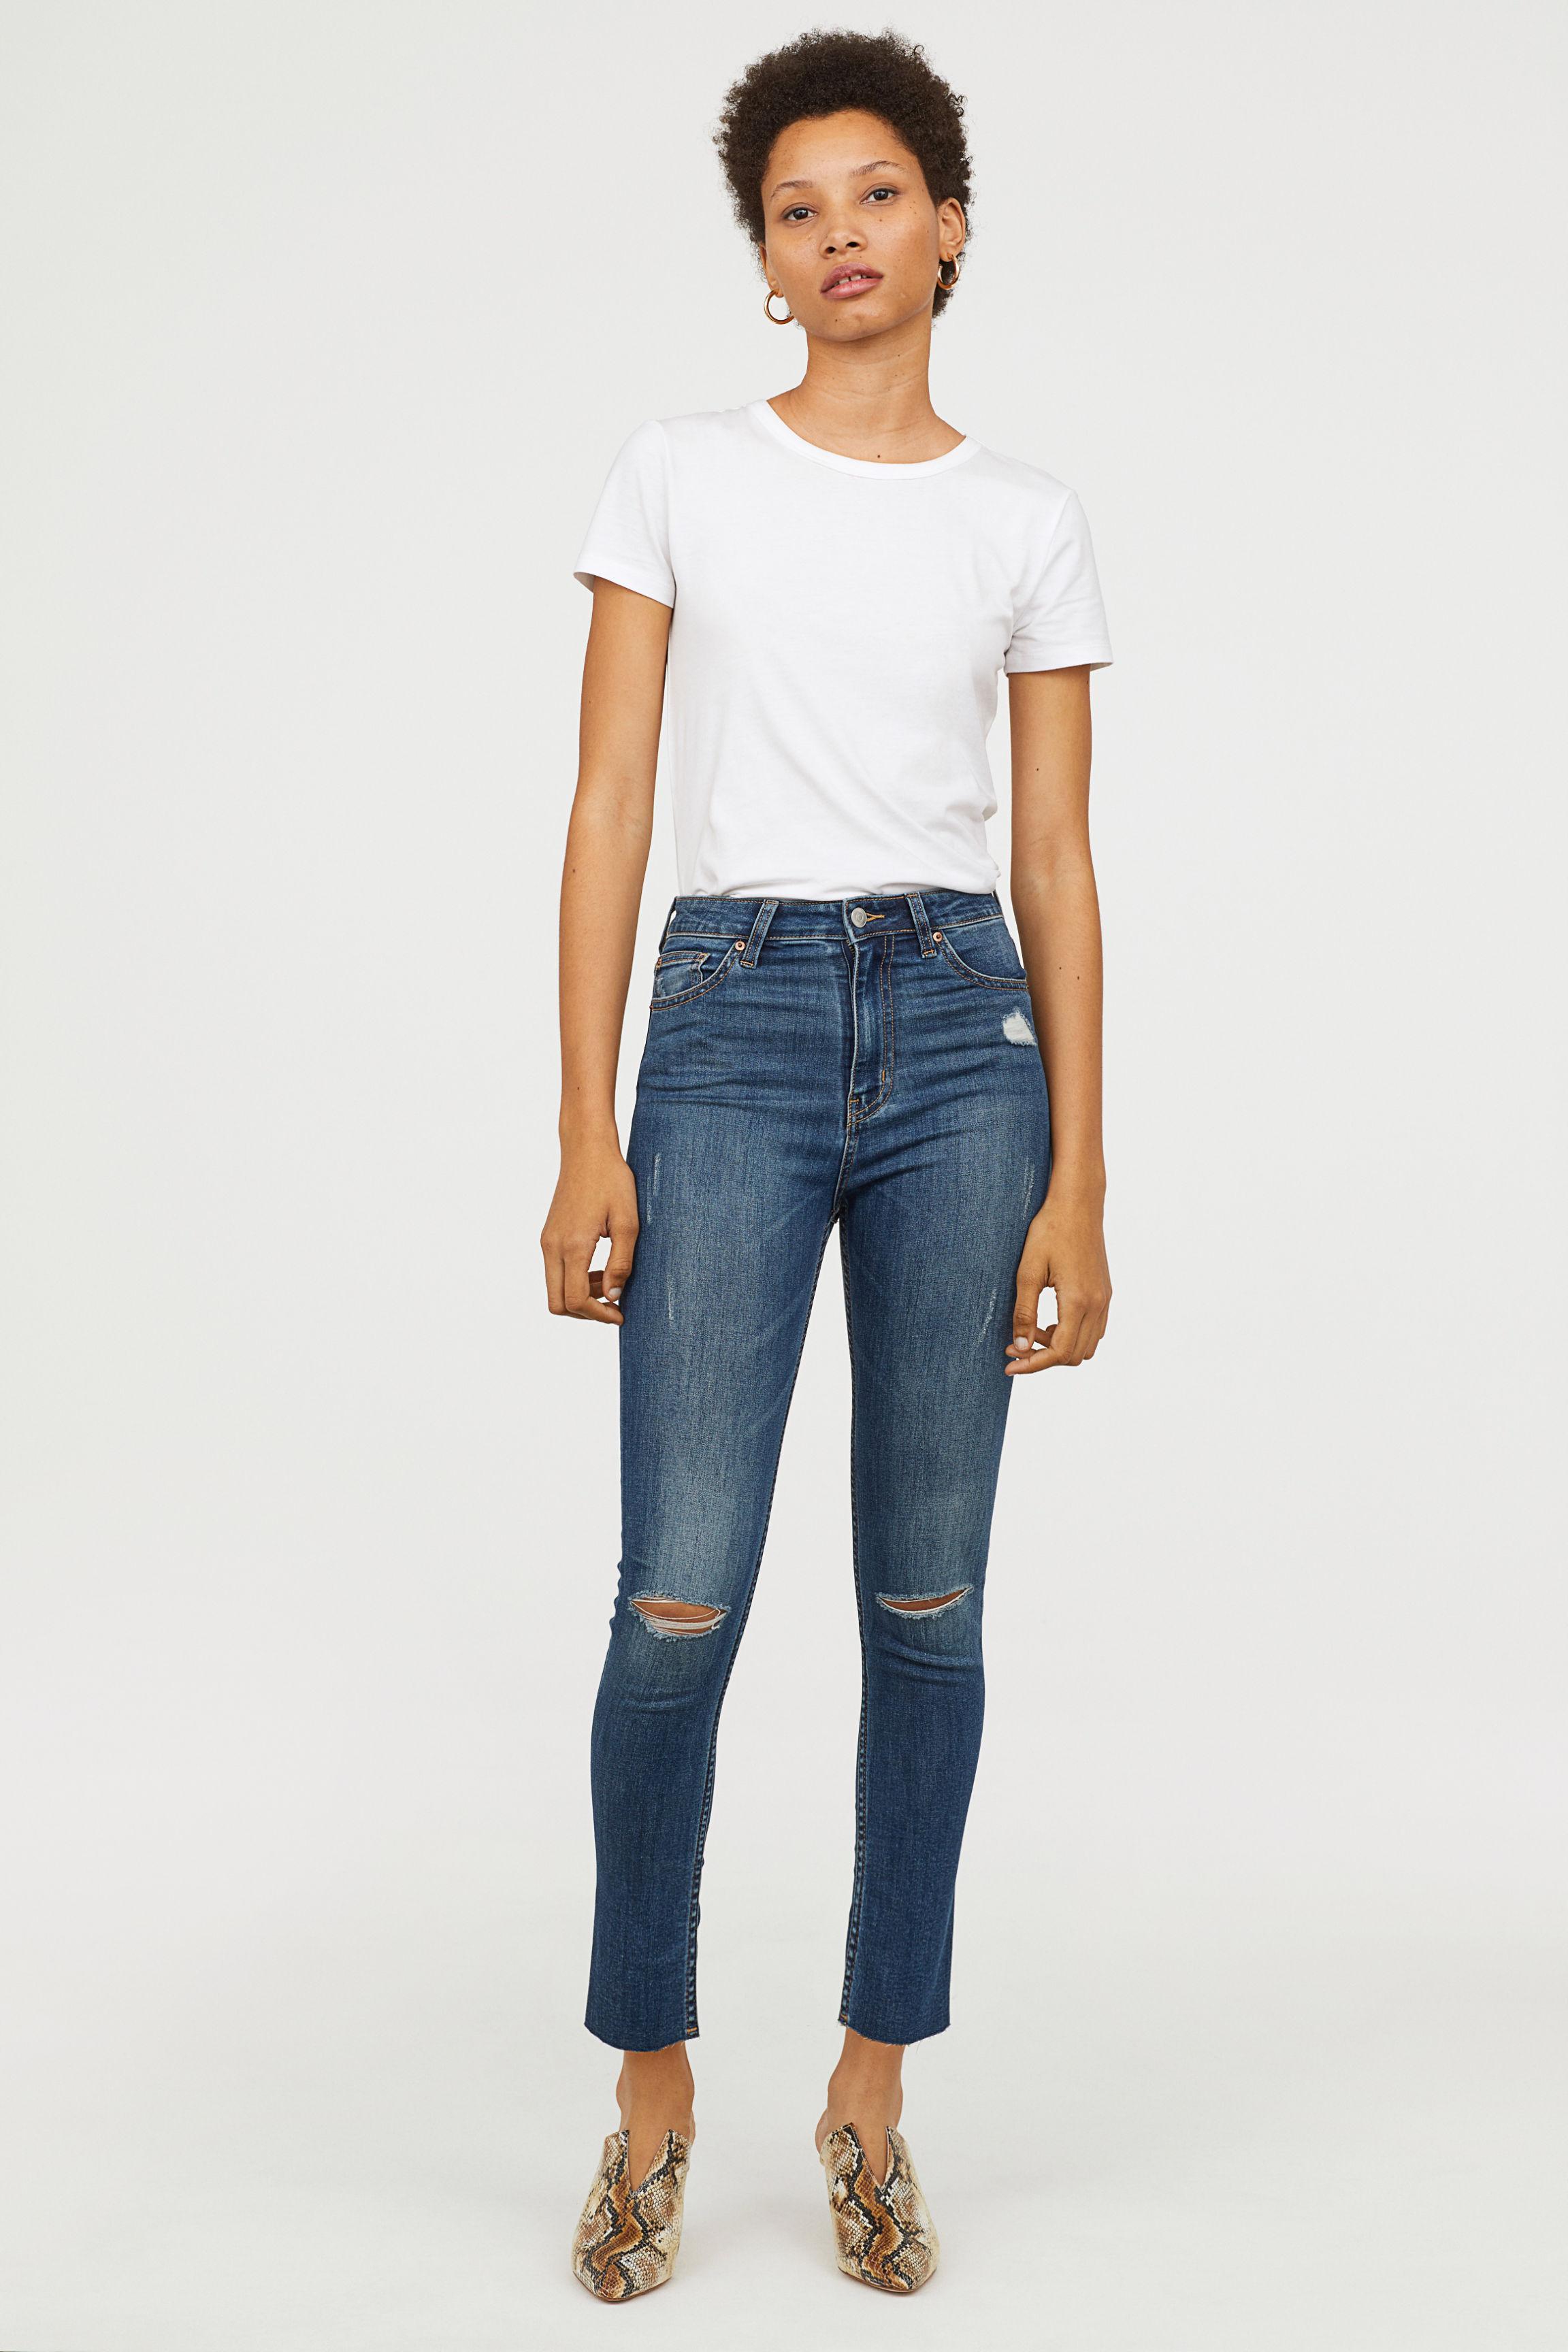 b118e83da26cd H&M Slim High Trashed Jeans in Blue - Lyst